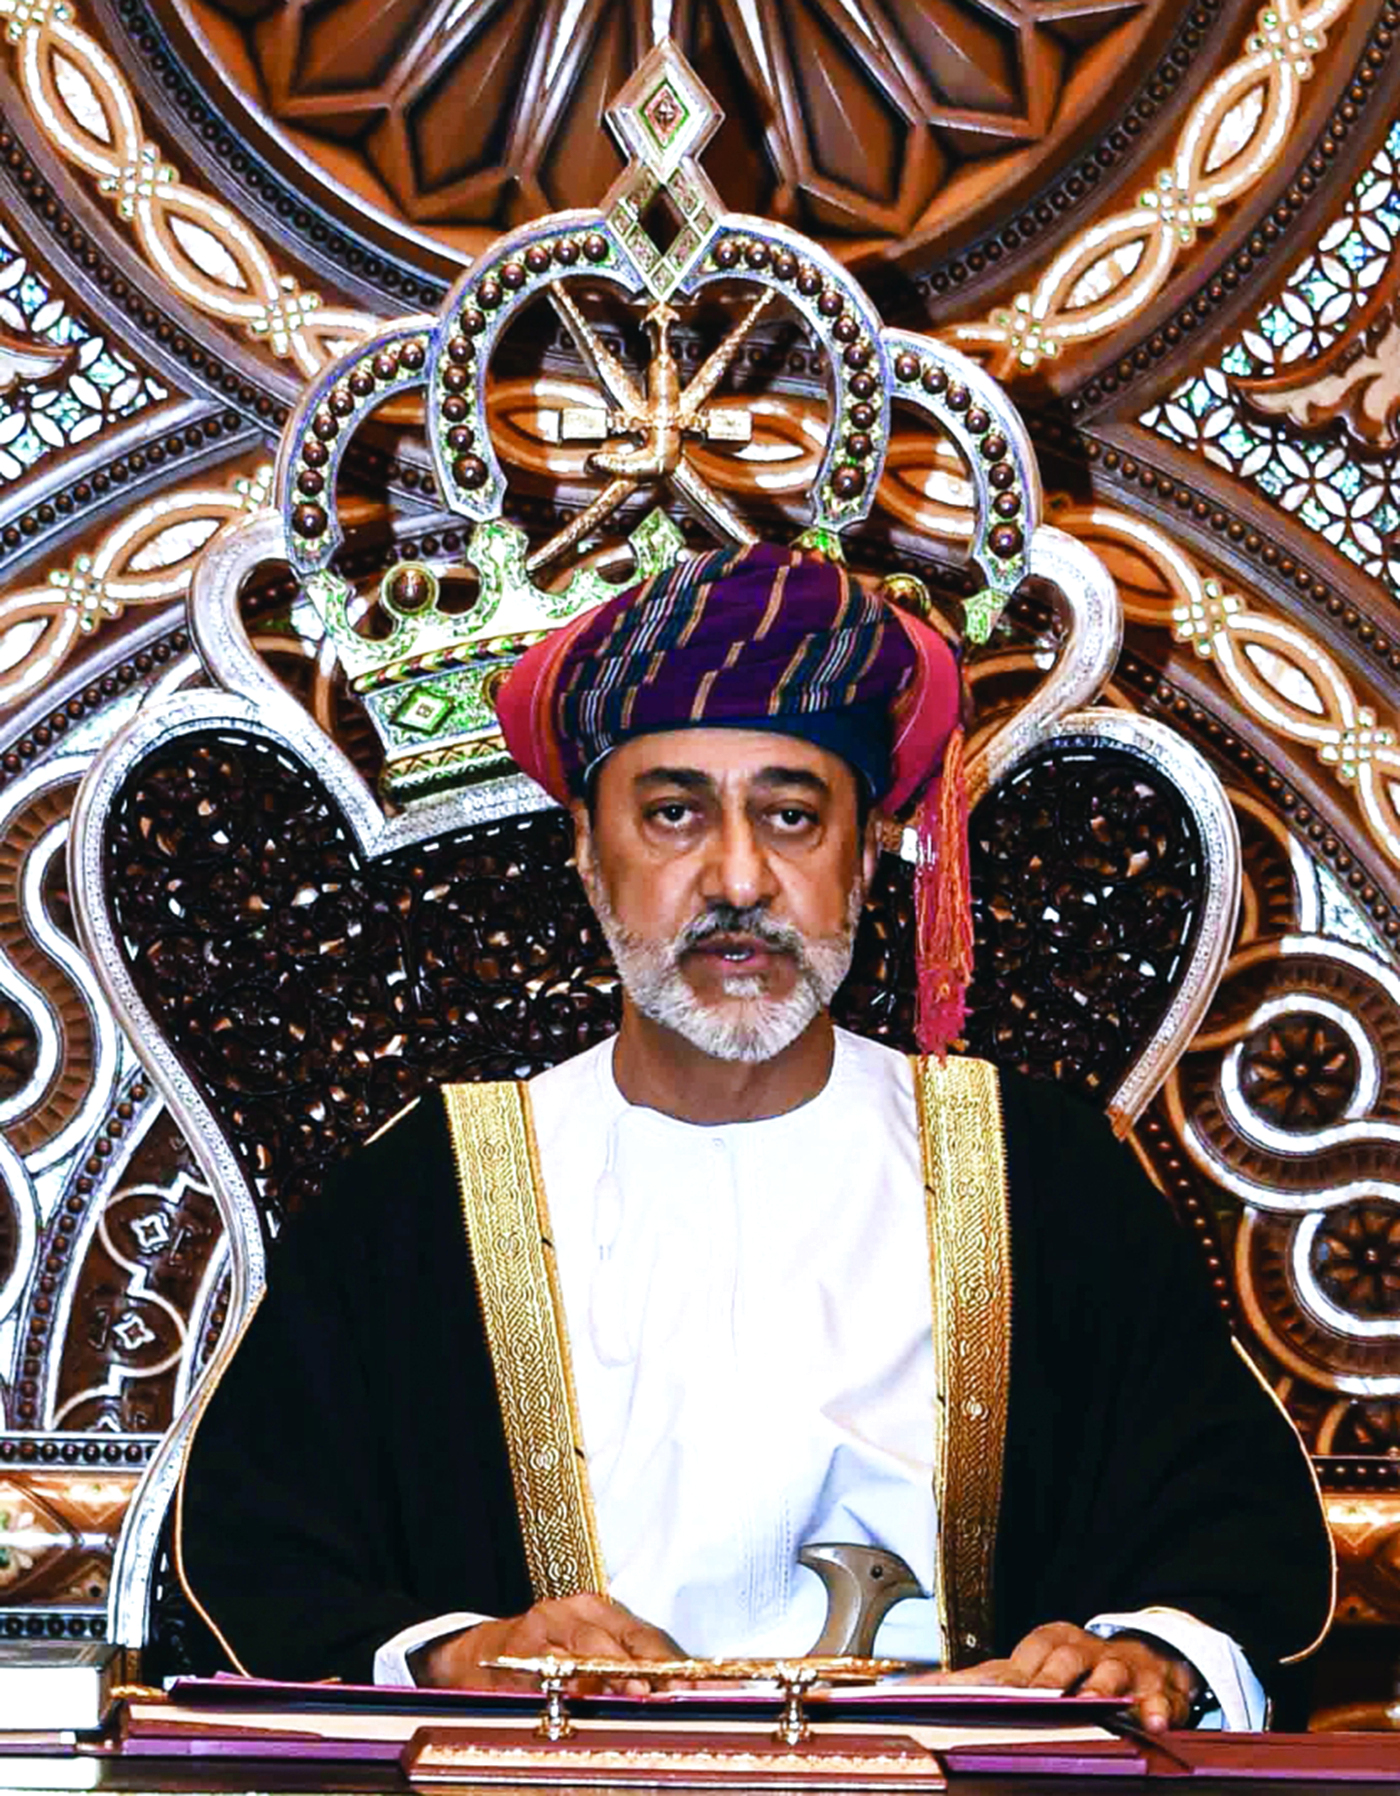 نتيجة بحث الصور عن صورة السلطان هيثم بن طارق